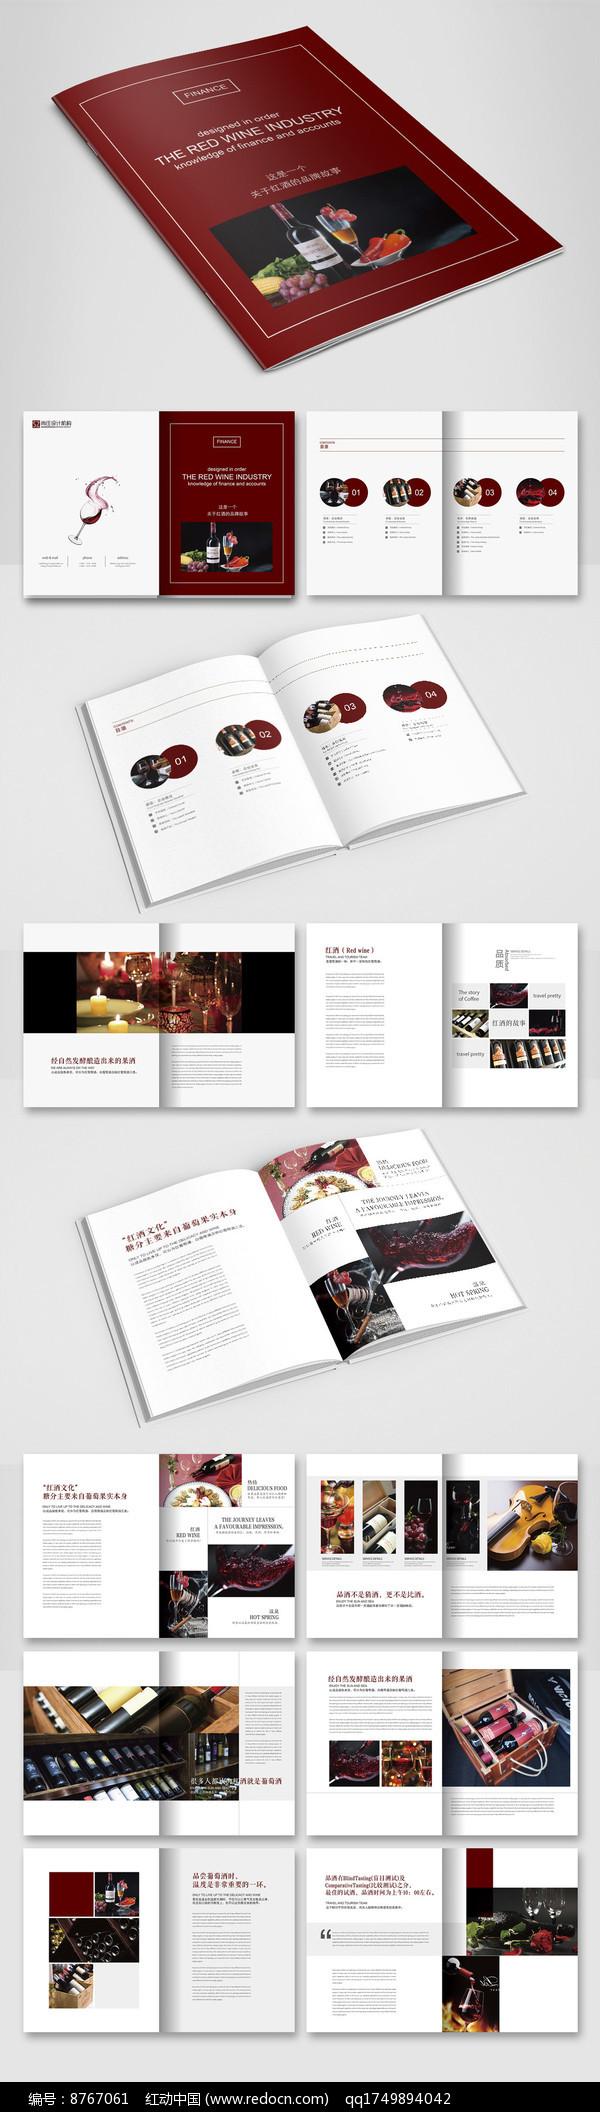 大气红酒画册设计图片